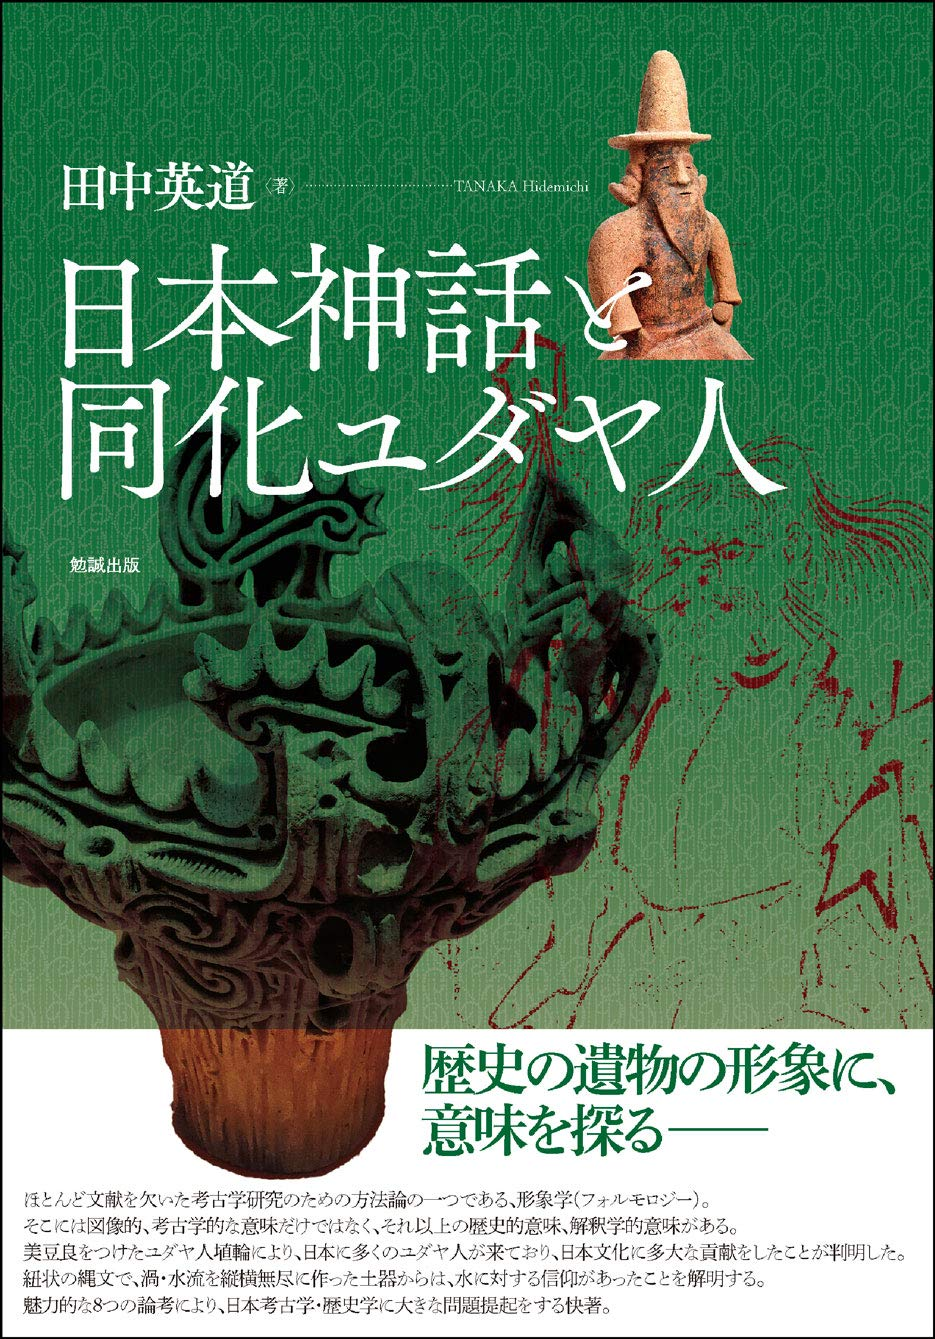 「日本神話と同化ユダヤ人」 単行本